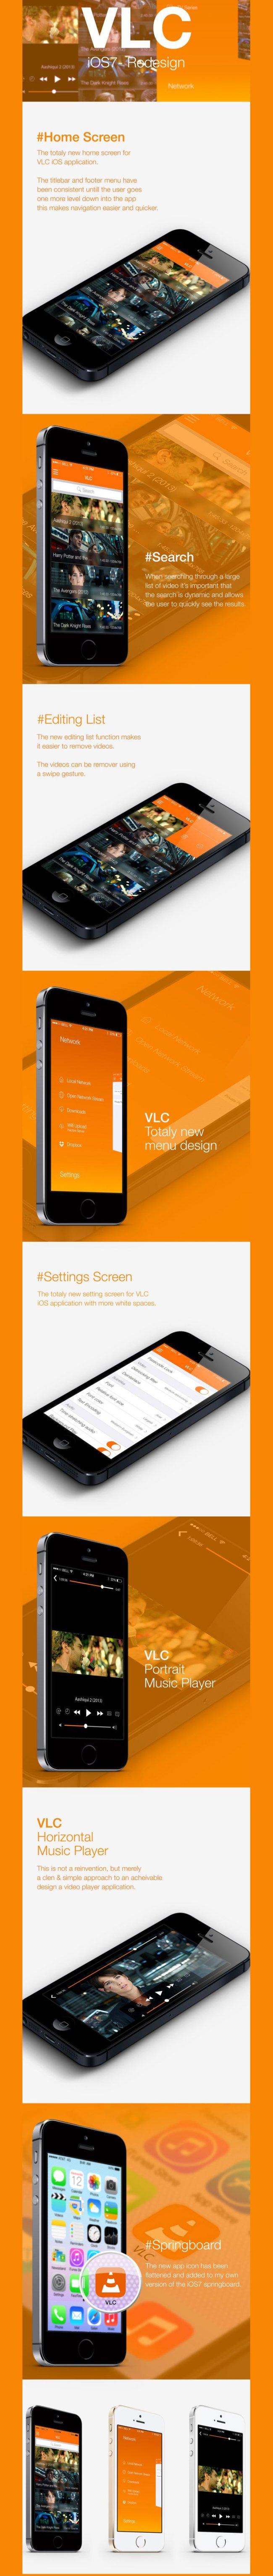 VLC-iOS-app-redesign1